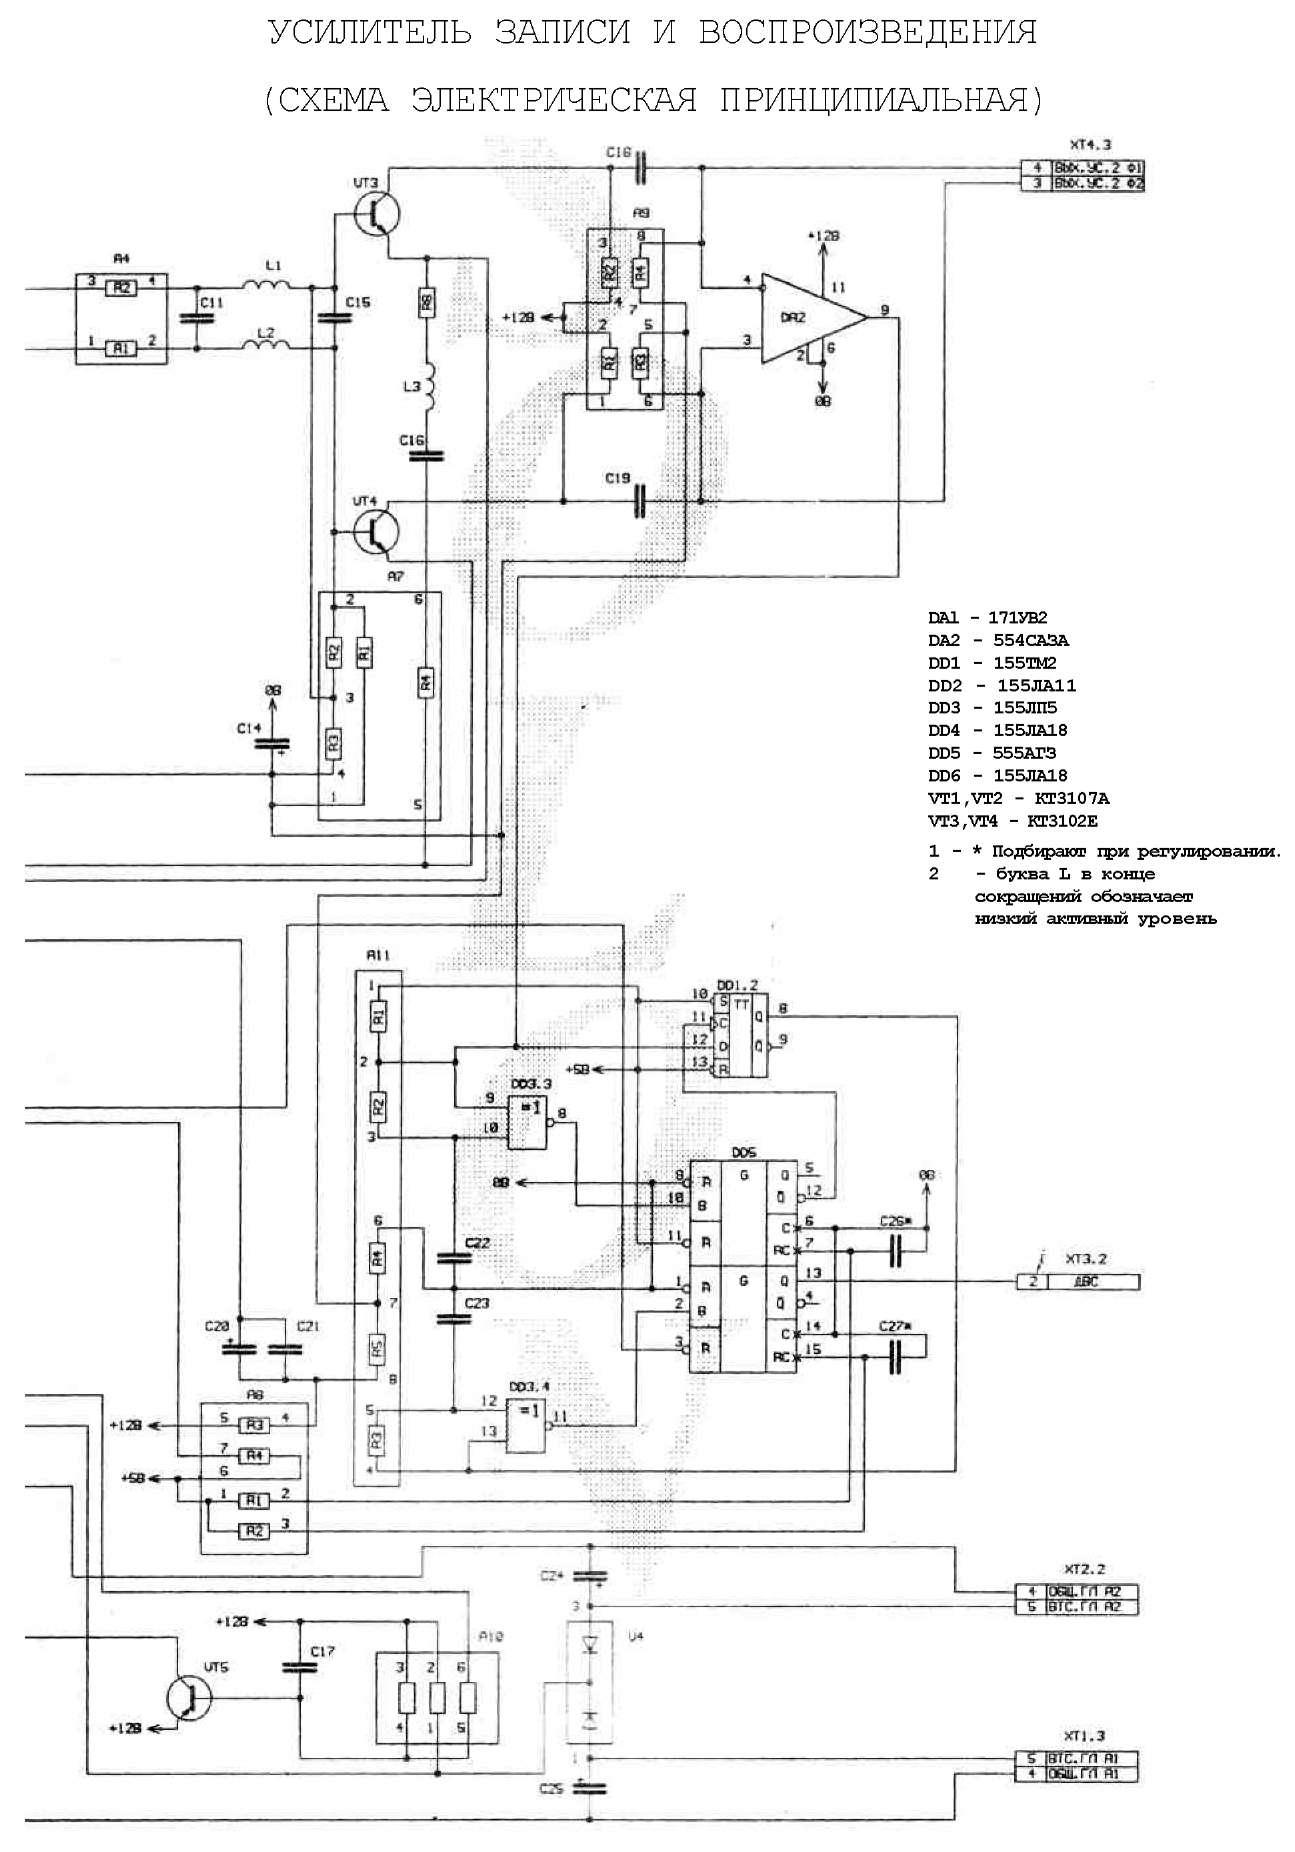 дисковод описание схема включения